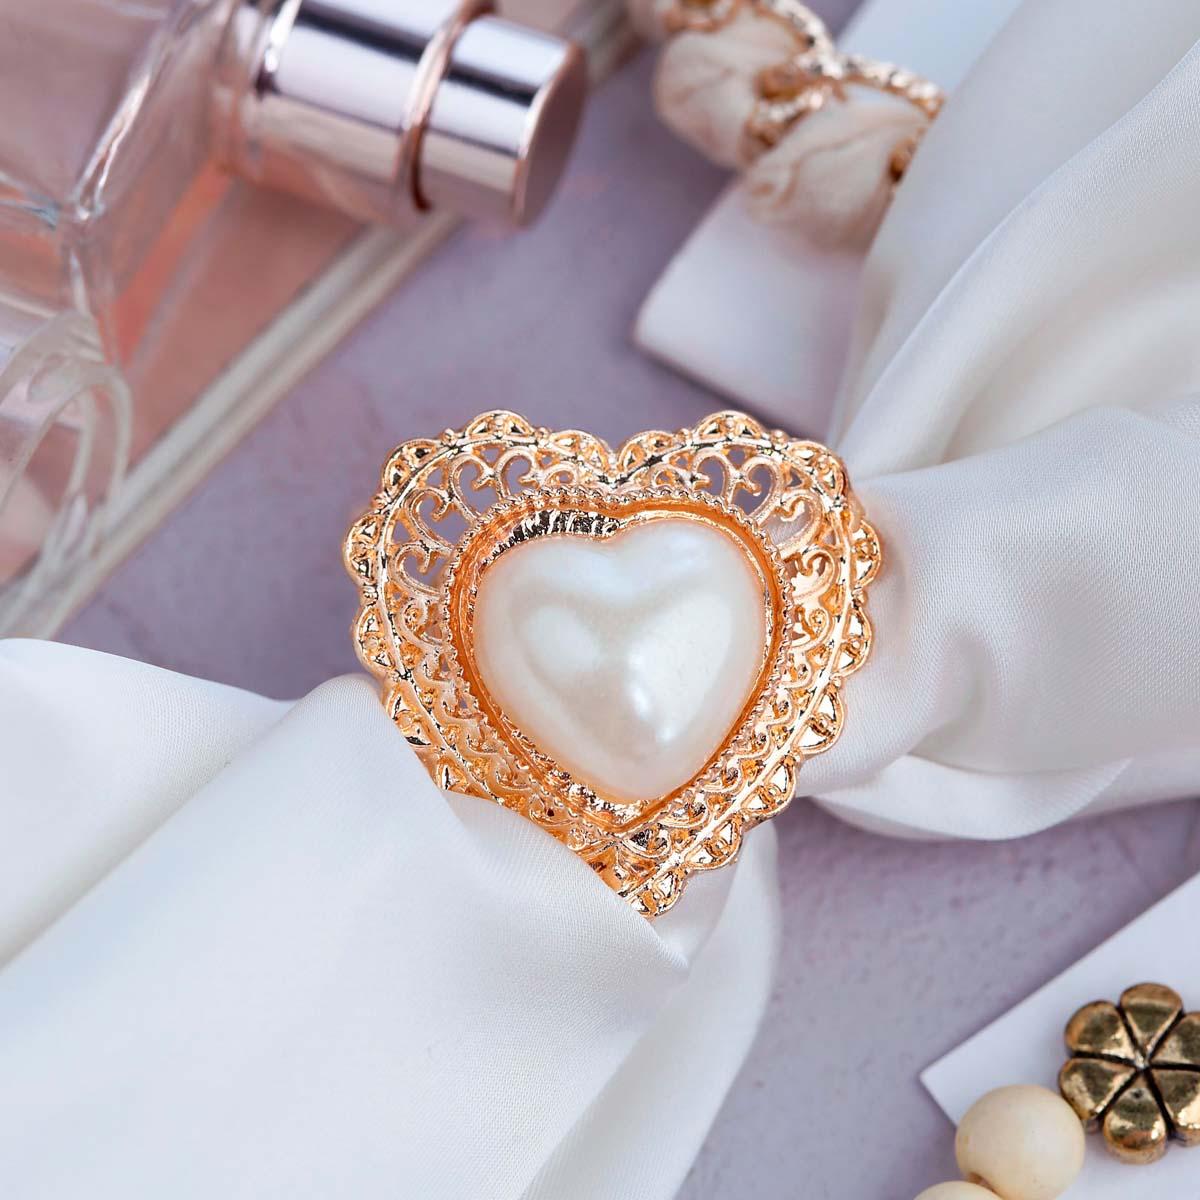 3714472 Кольцо для платка 'Барокко' сердце, цвет белый в золоте